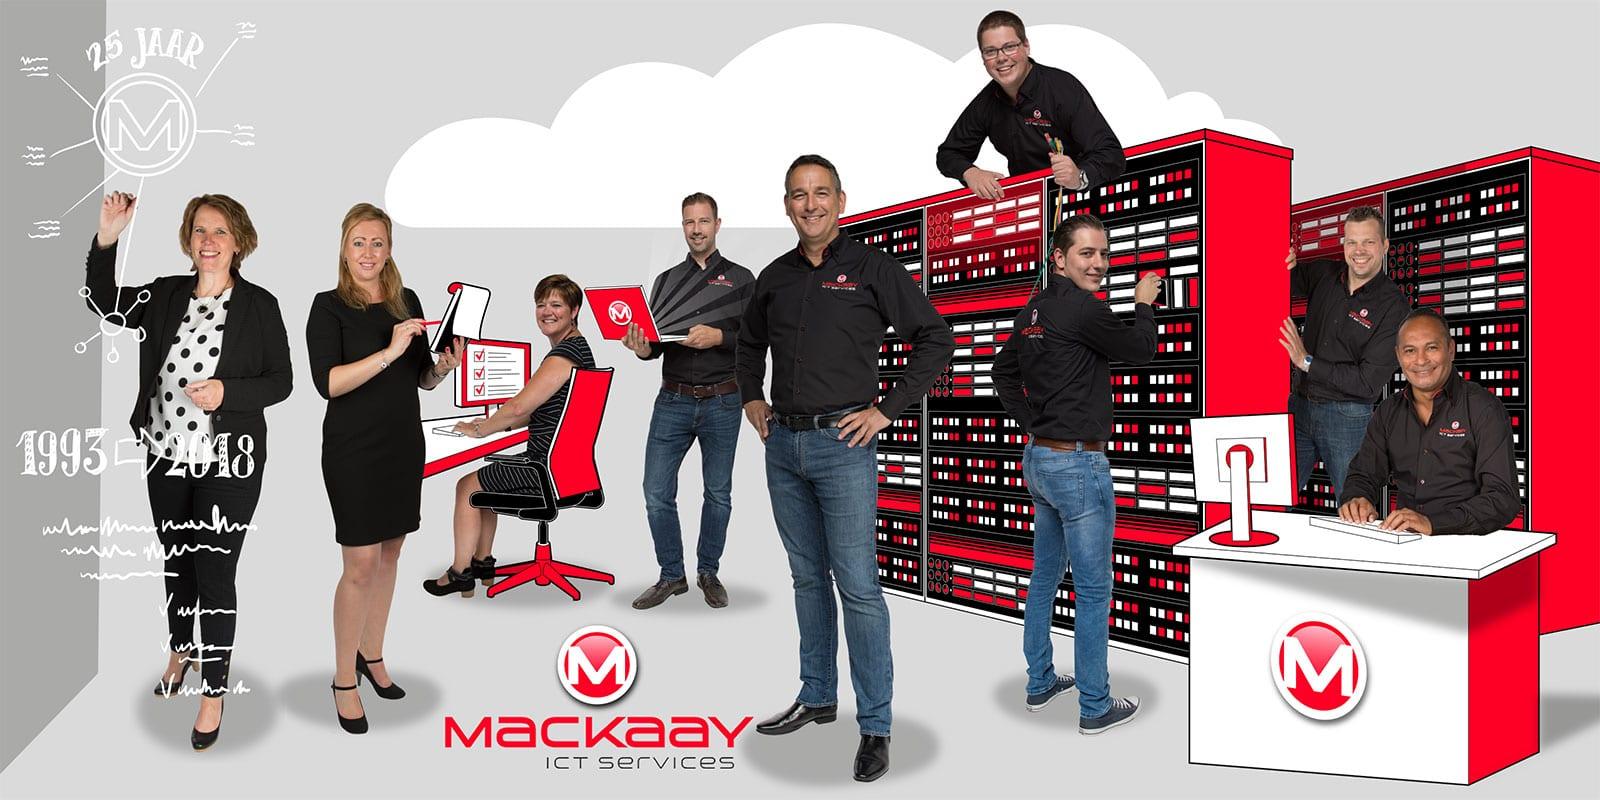 Mackaay-key